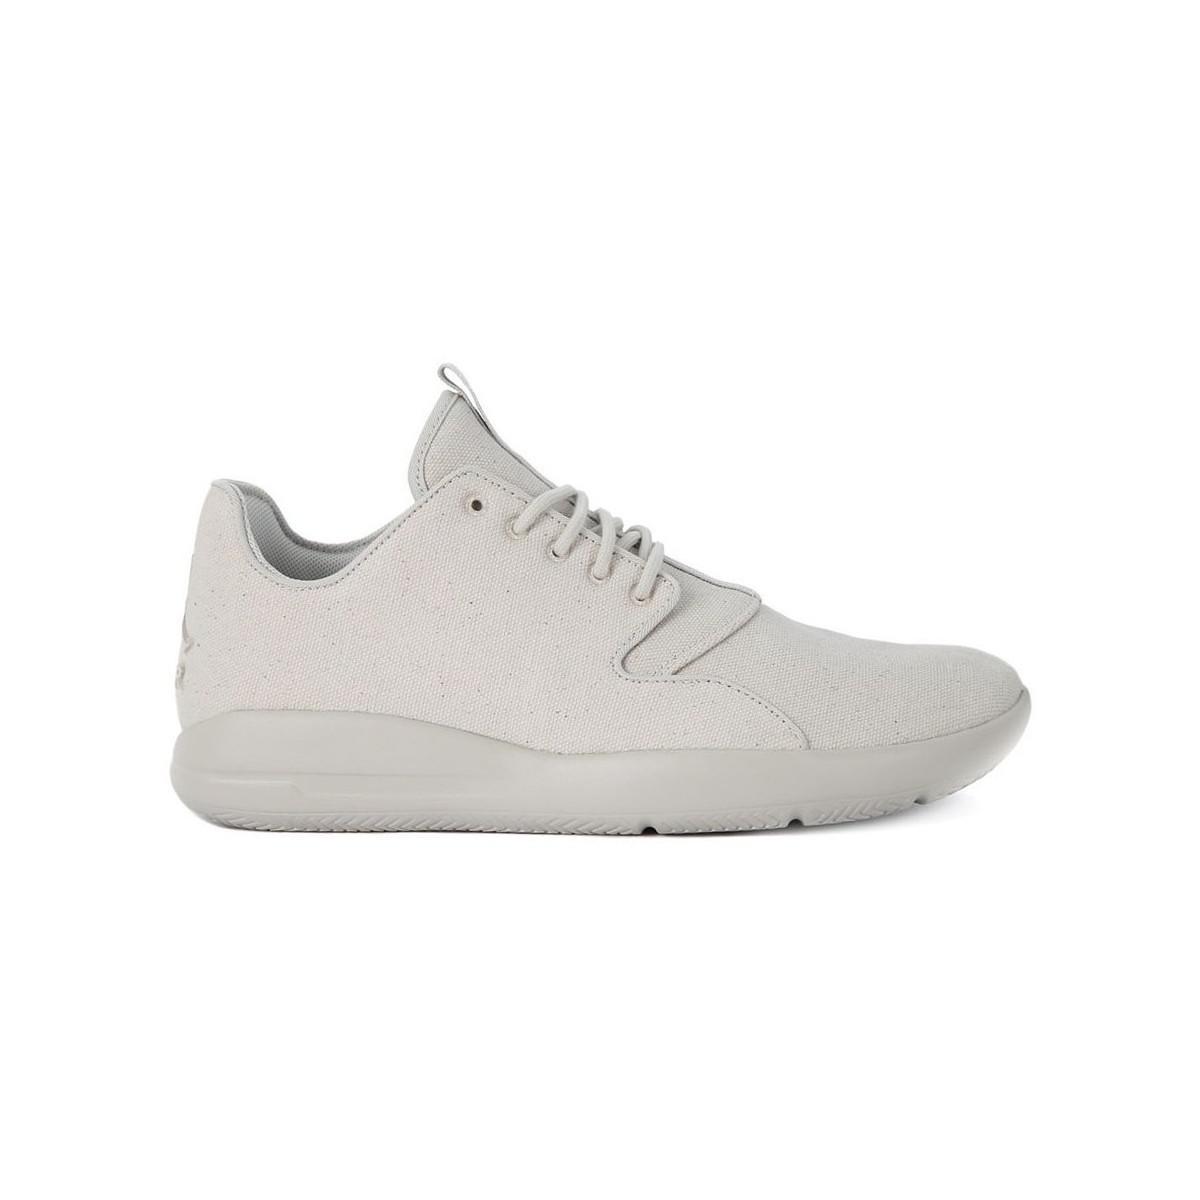 innovative design 1c436 34e2f Nike. Jordan Eclipse Men s Shoes ...